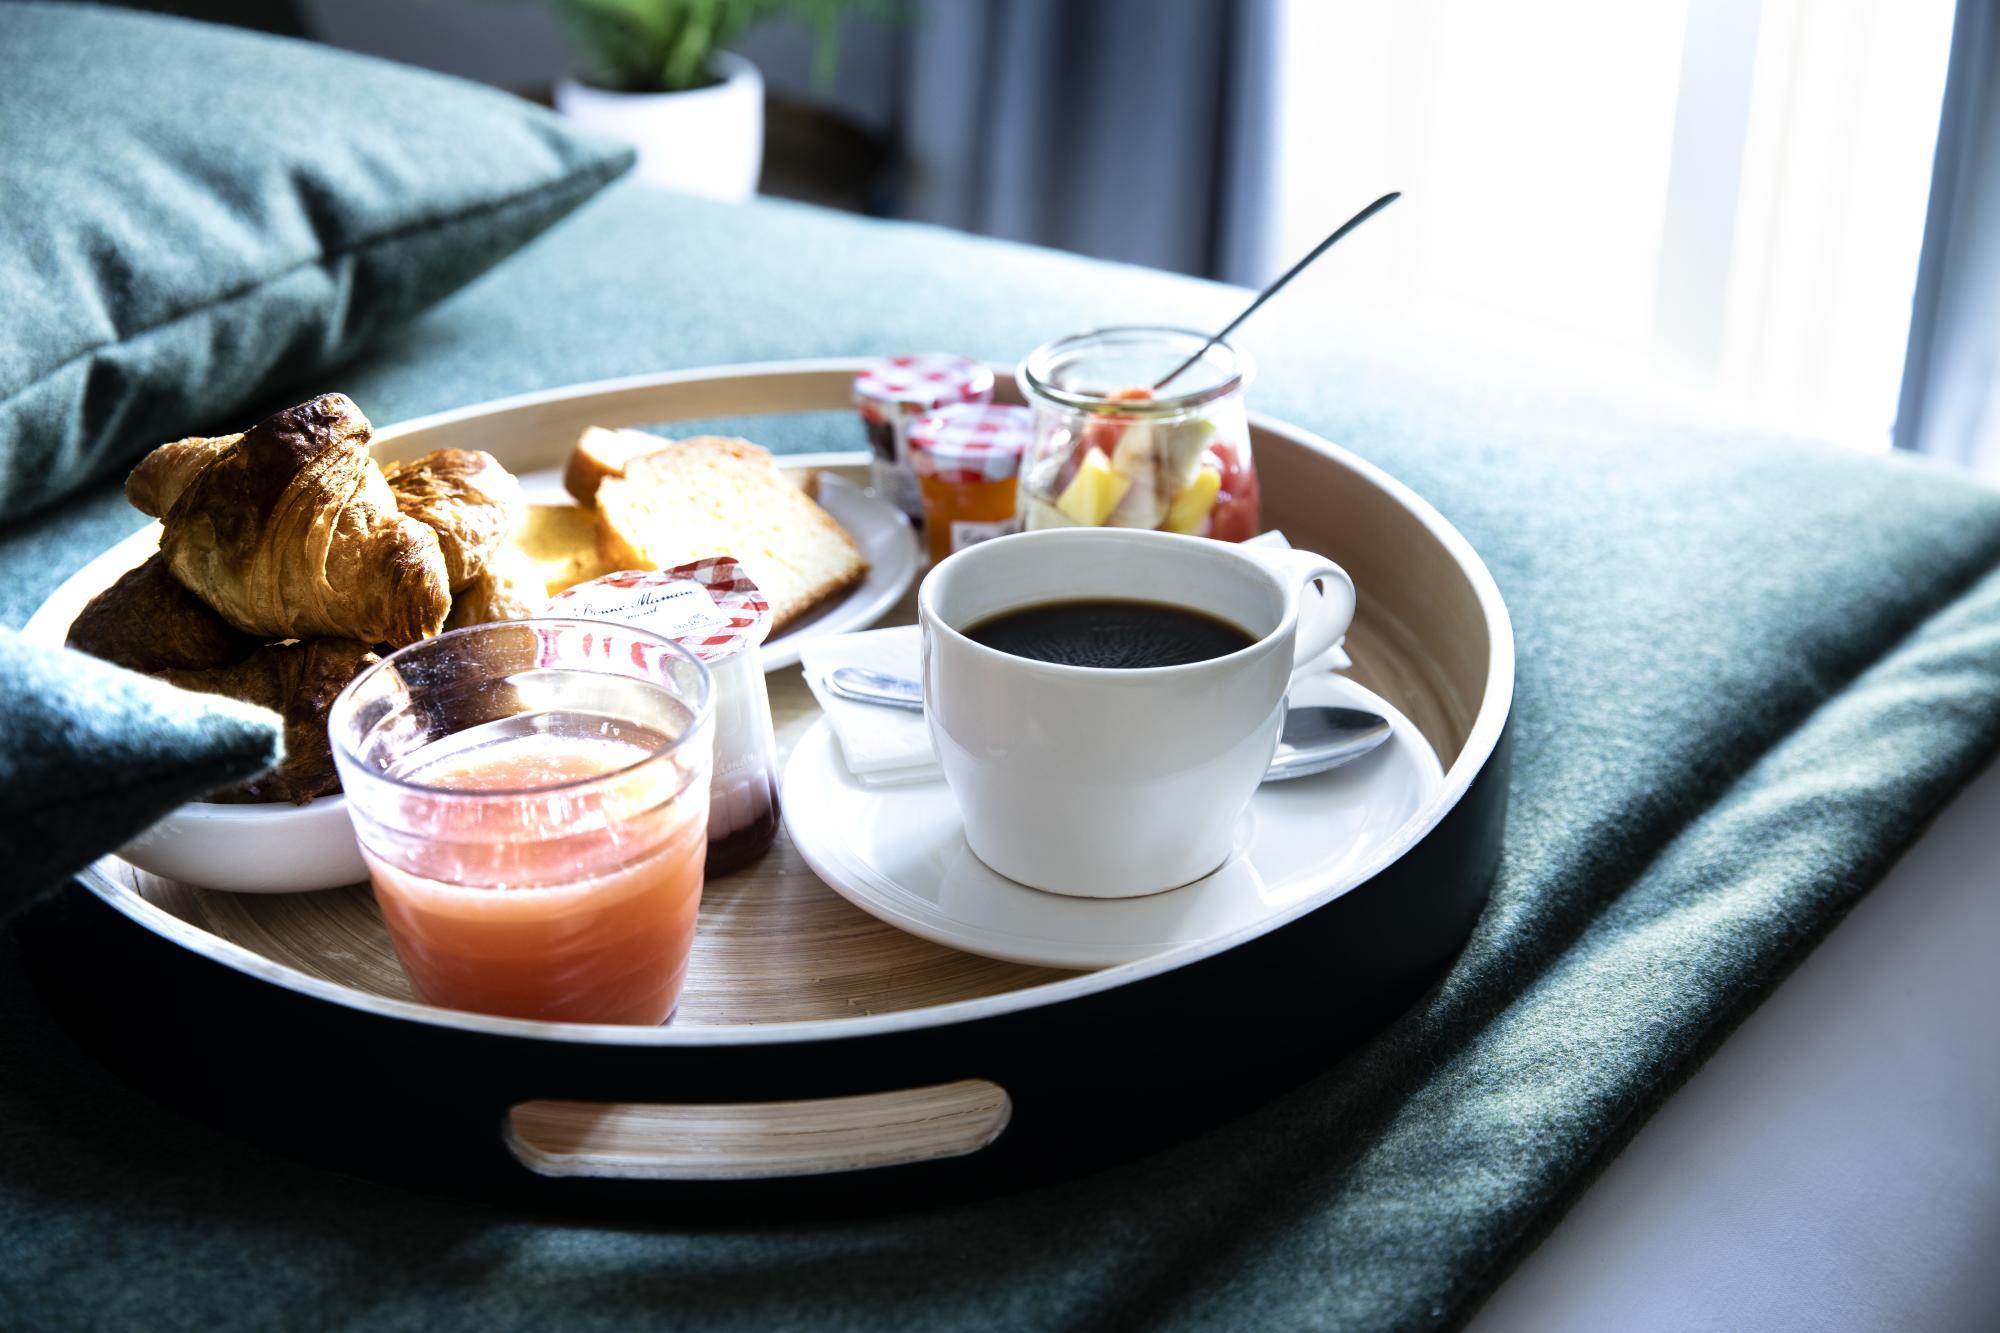 Hotel Brady Breakfast Service